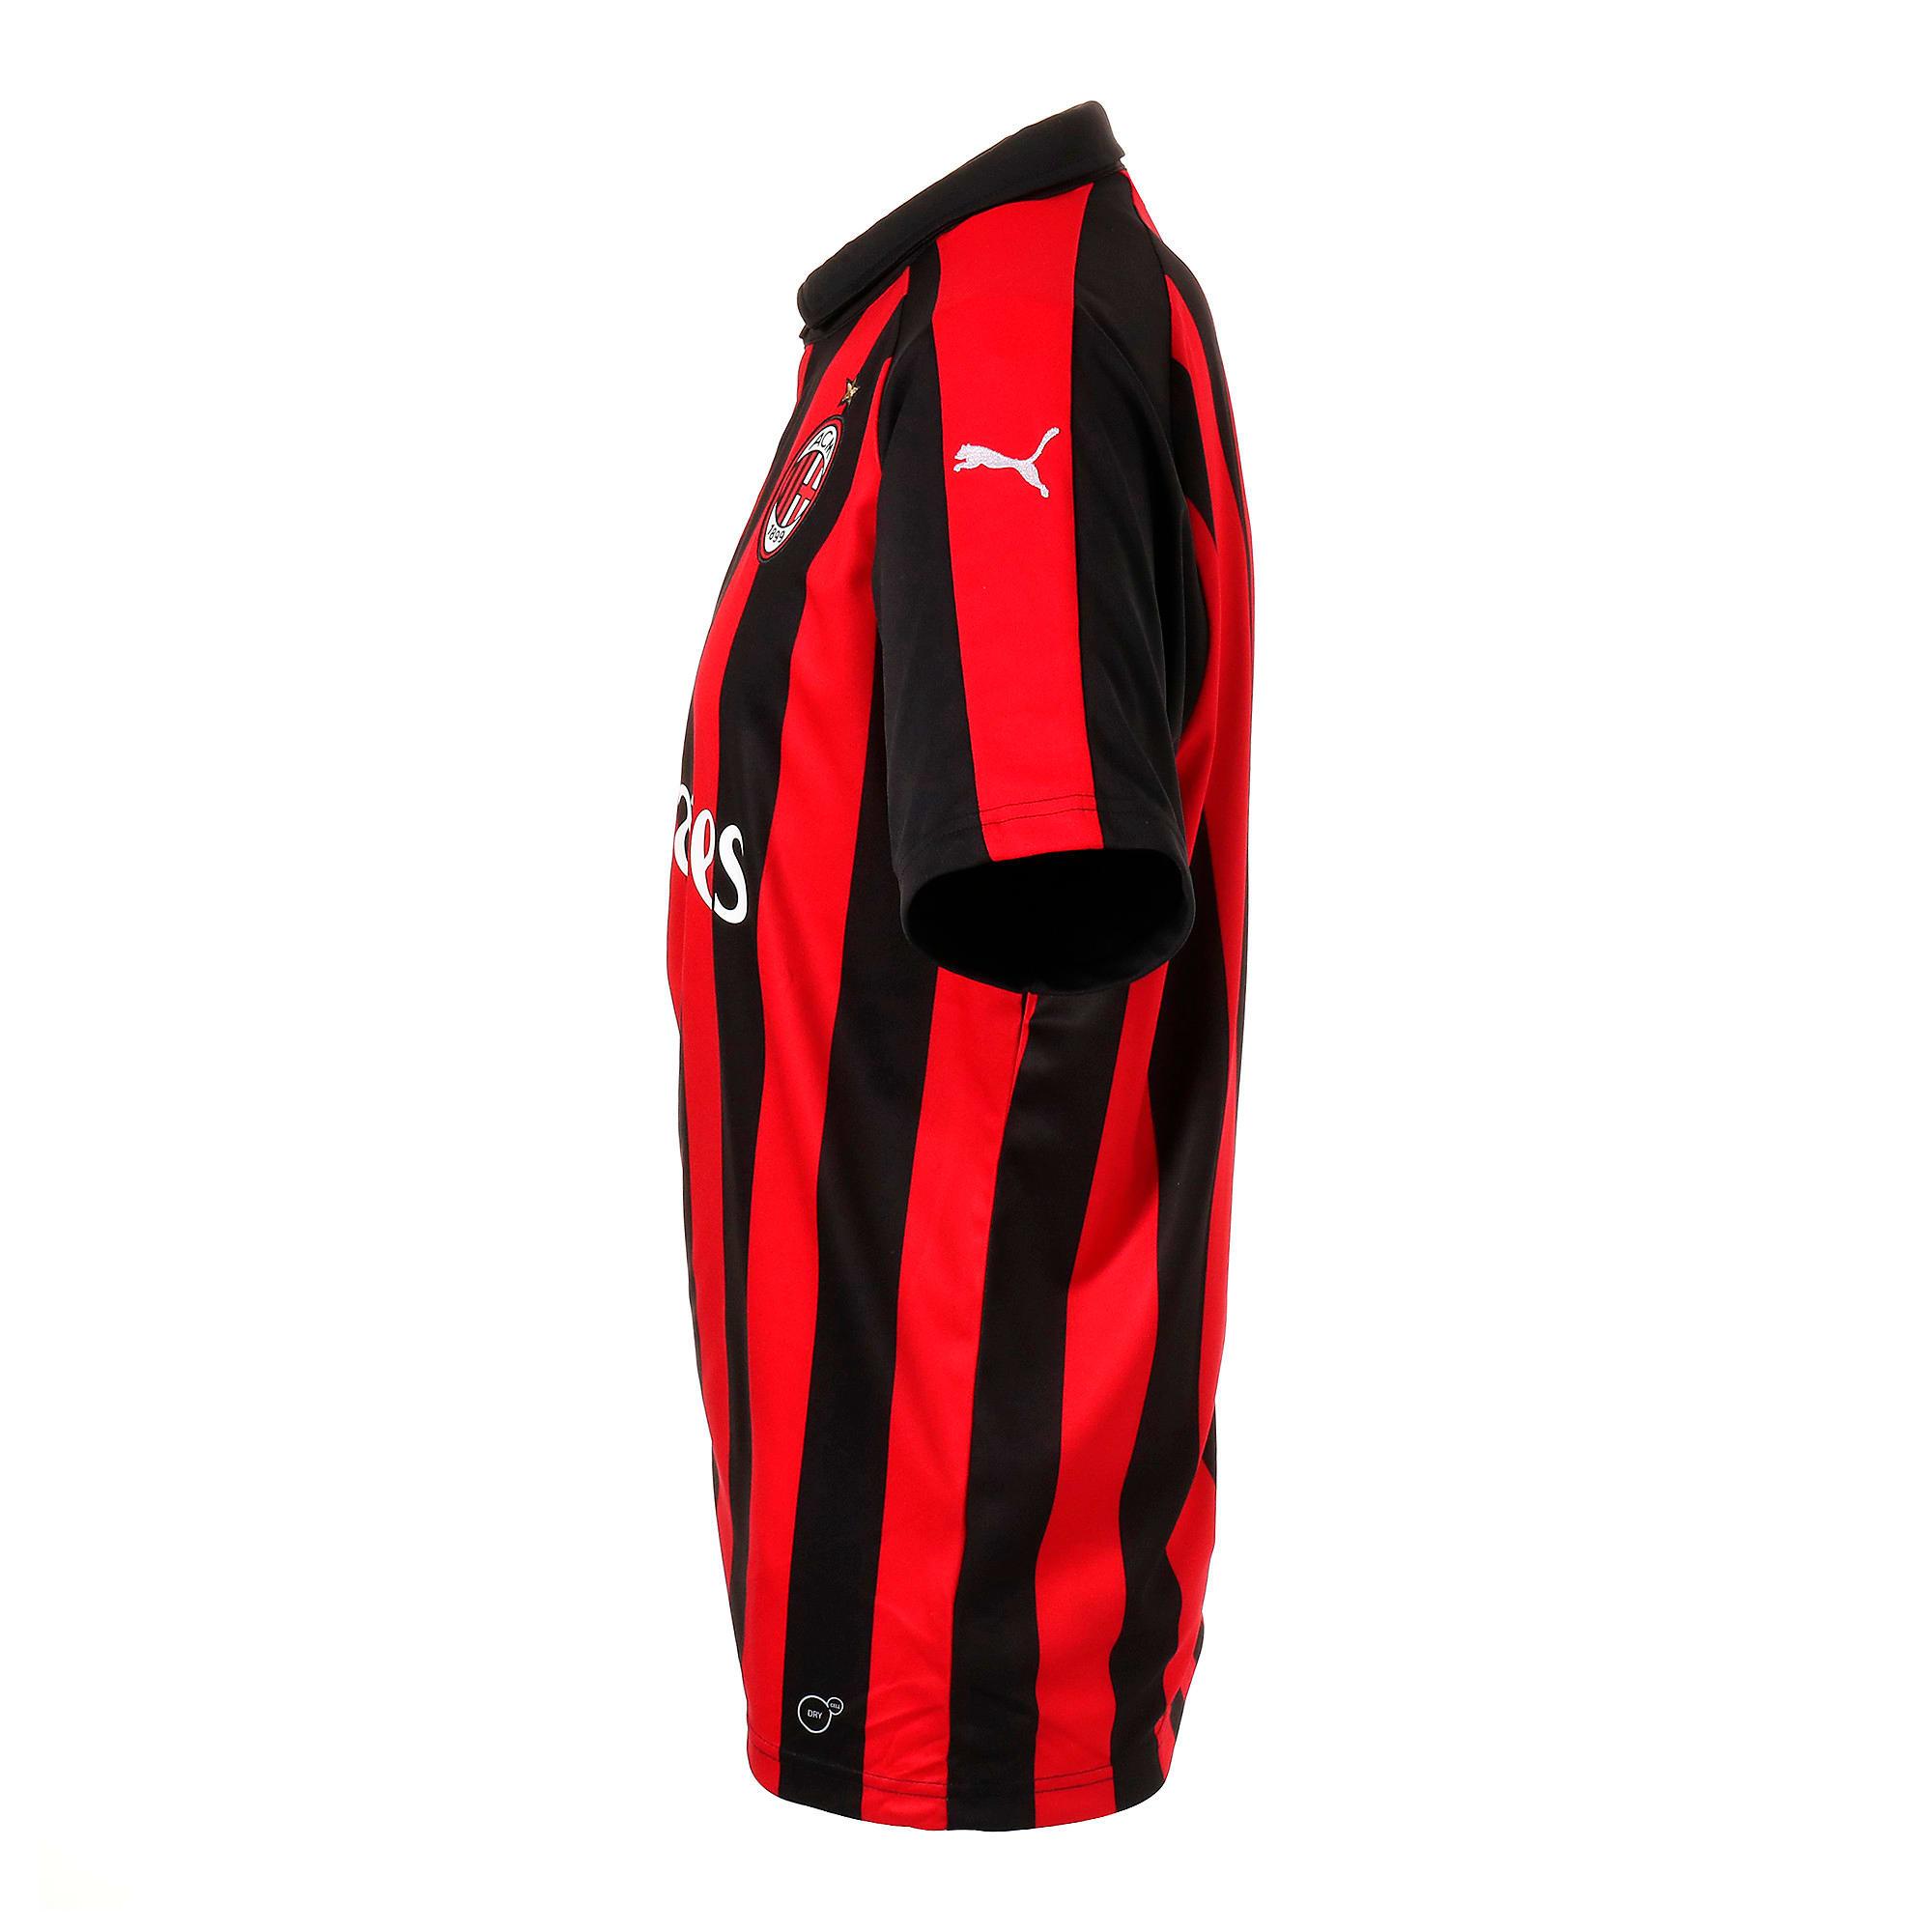 Thumbnail 2 of AC MILAN SS ホーム レプリカシャツ 半袖, Tango Red-Puma Black, medium-JPN